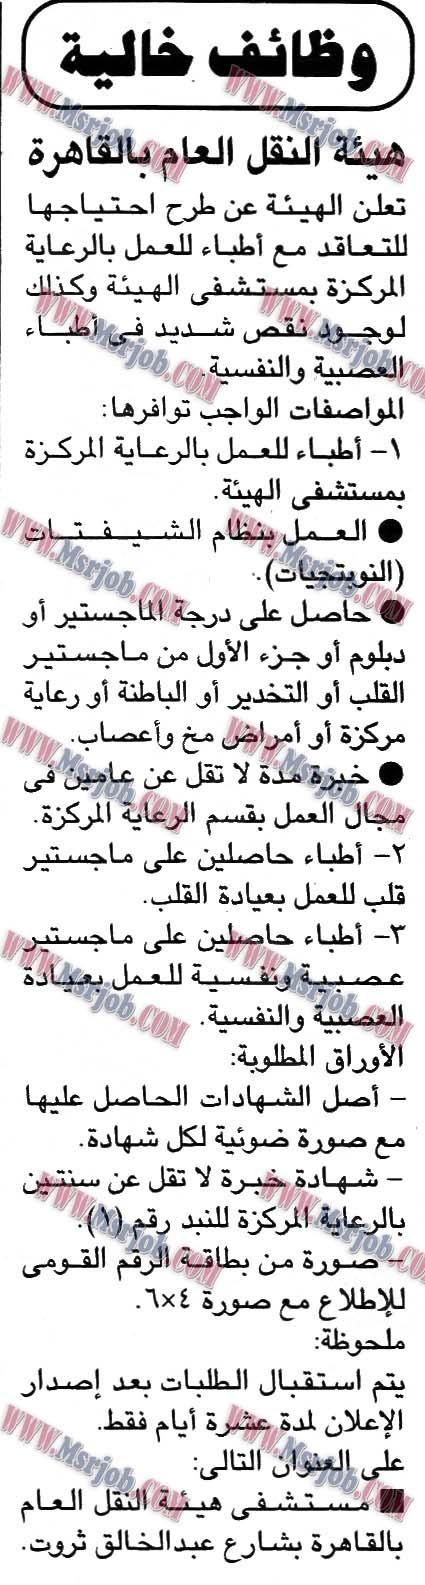 وظائف هيئة النقل العام بالقاهرة تطلب خريجي الجامعات والتقديم حتى 28 / 11 / 2017